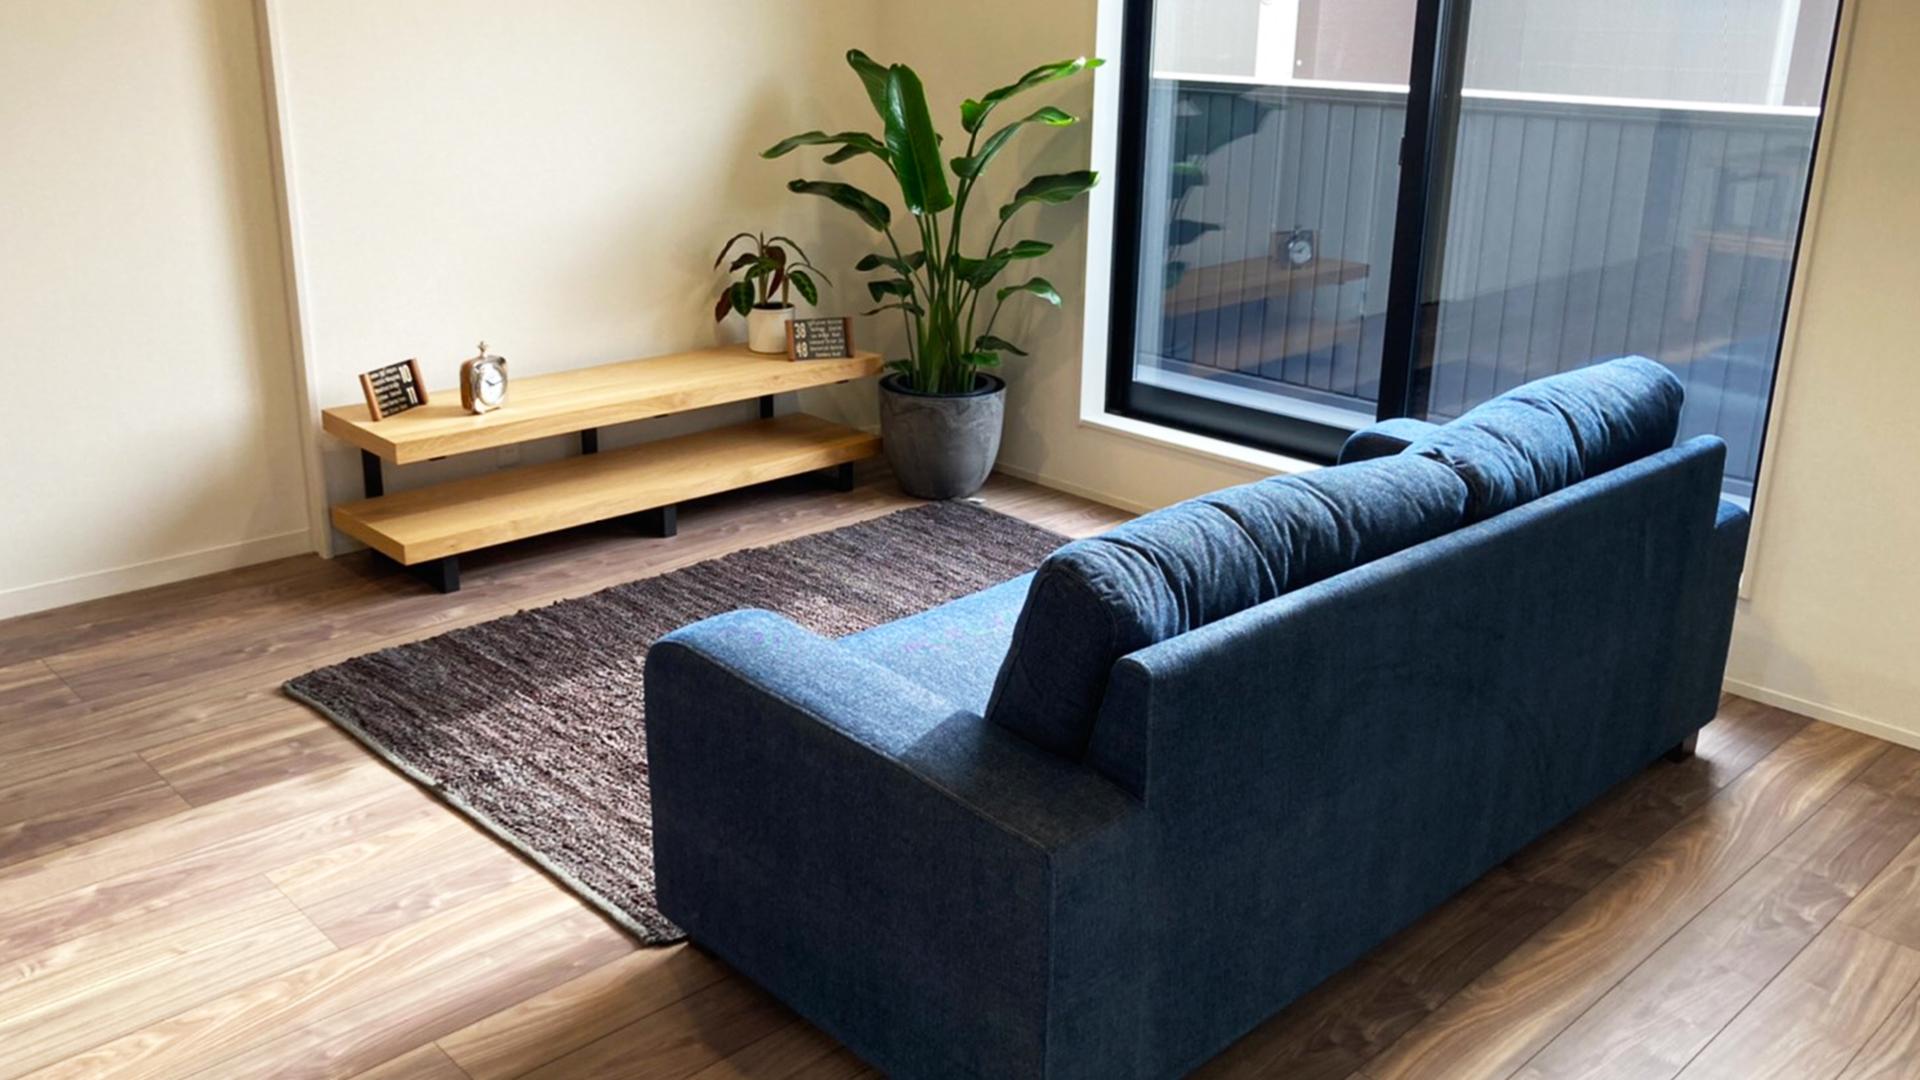 デニムのソファをガレージのあるお家に合わせる画像